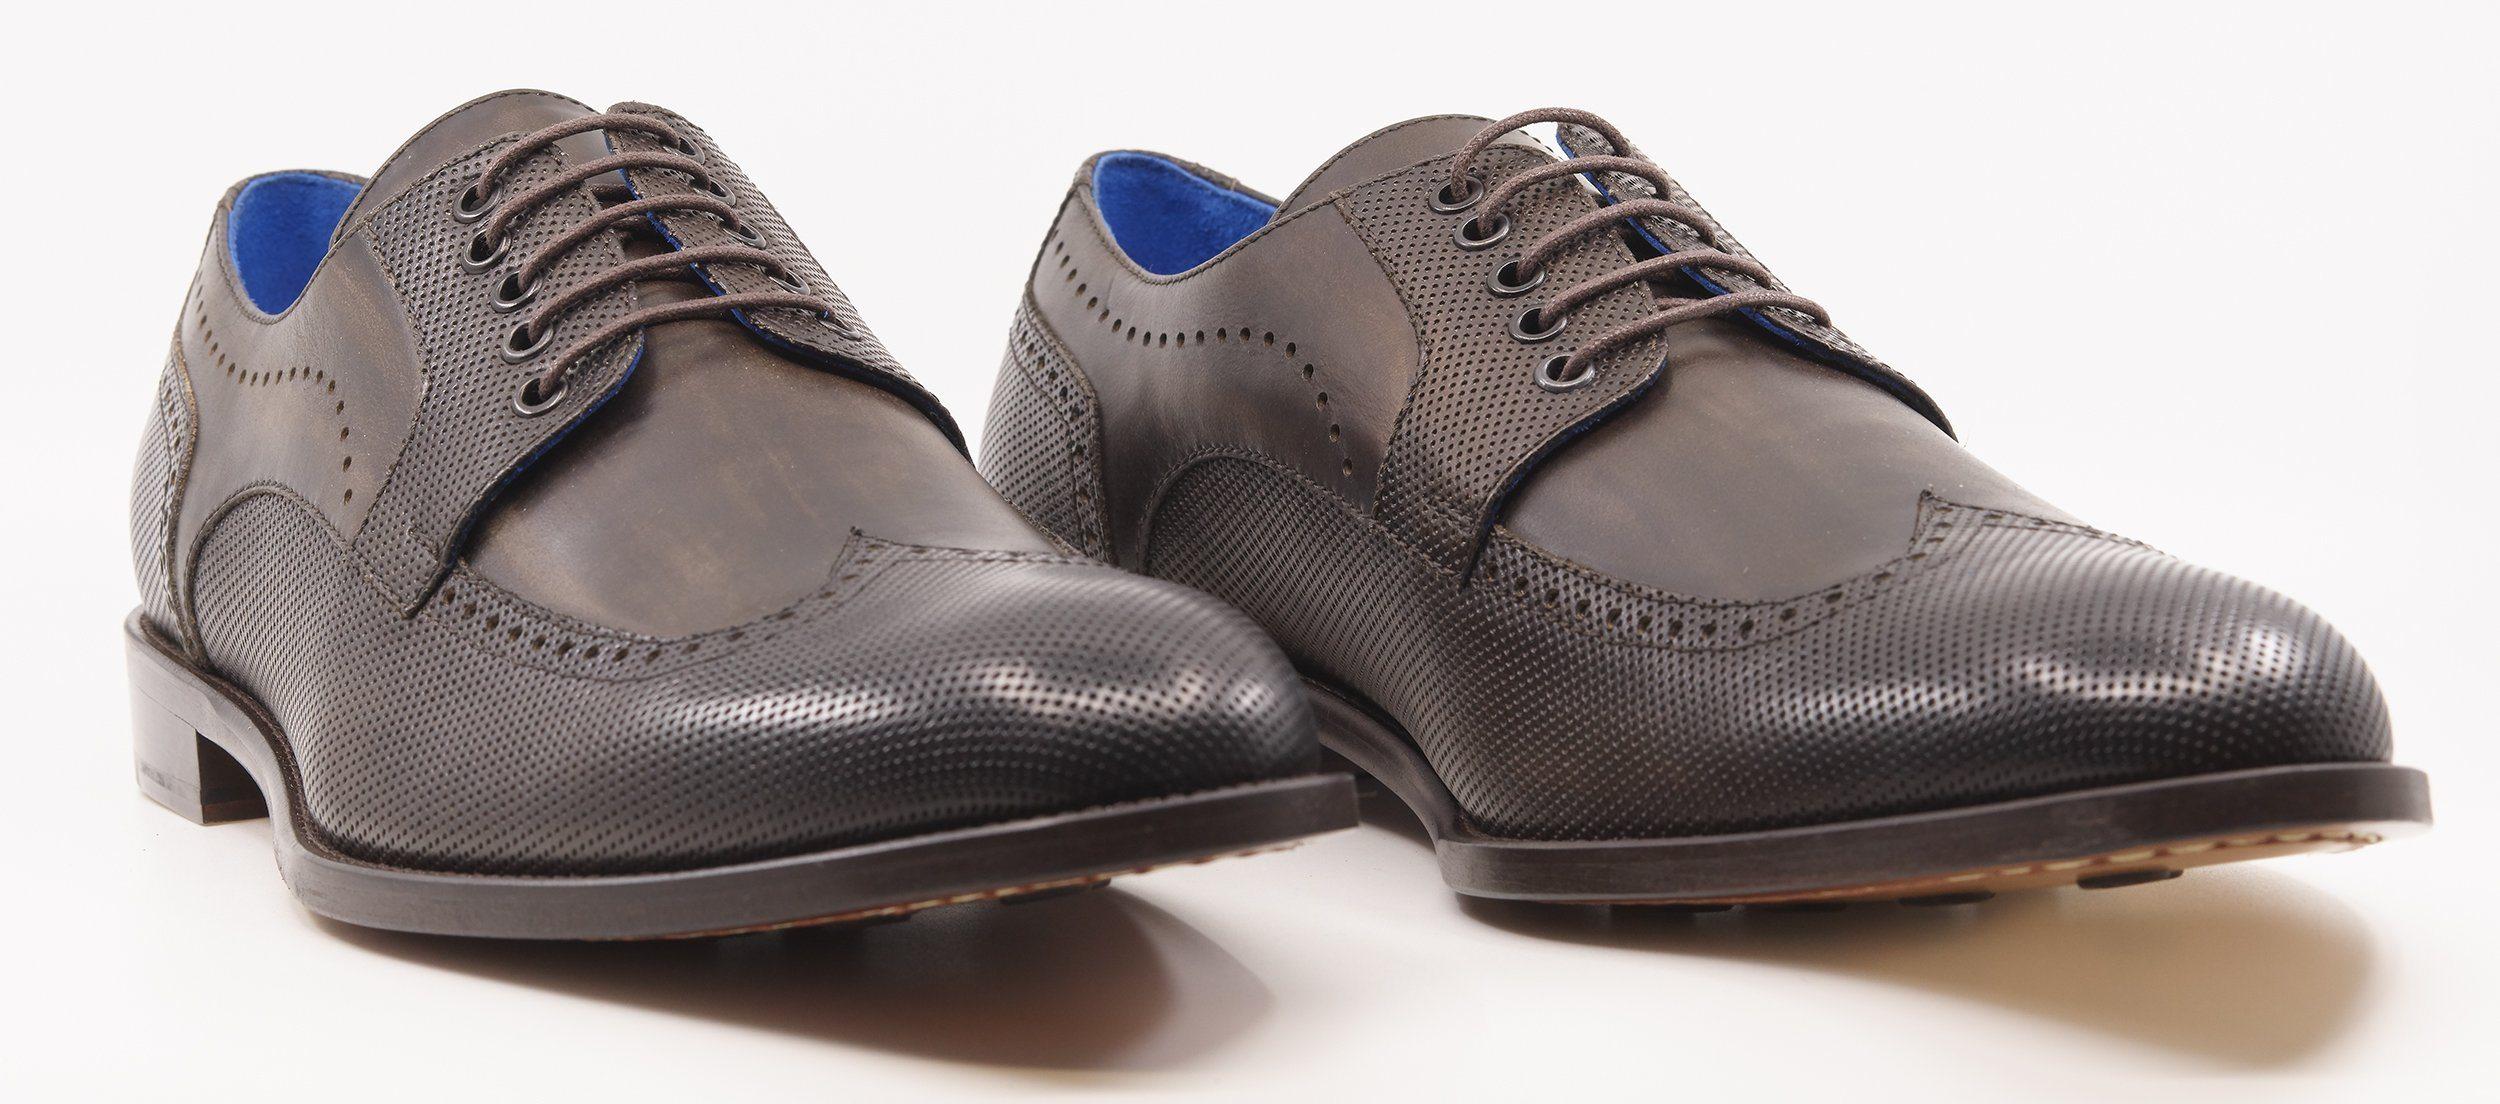 Shoe Class Select Brown